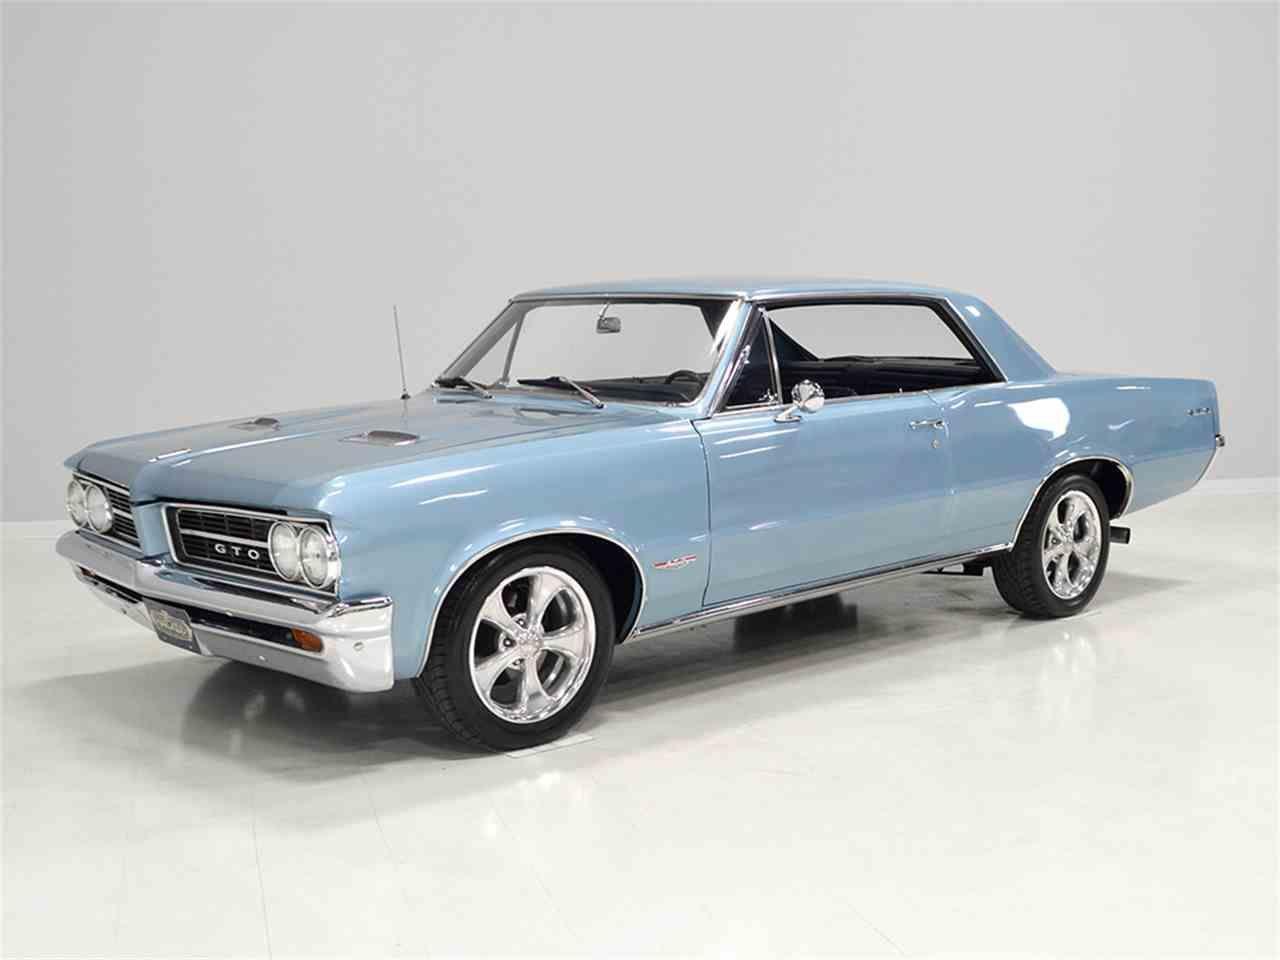 1964 Pontiac GTO for sale | Listing ID: CC-1048016 | ClassicCars.com ...